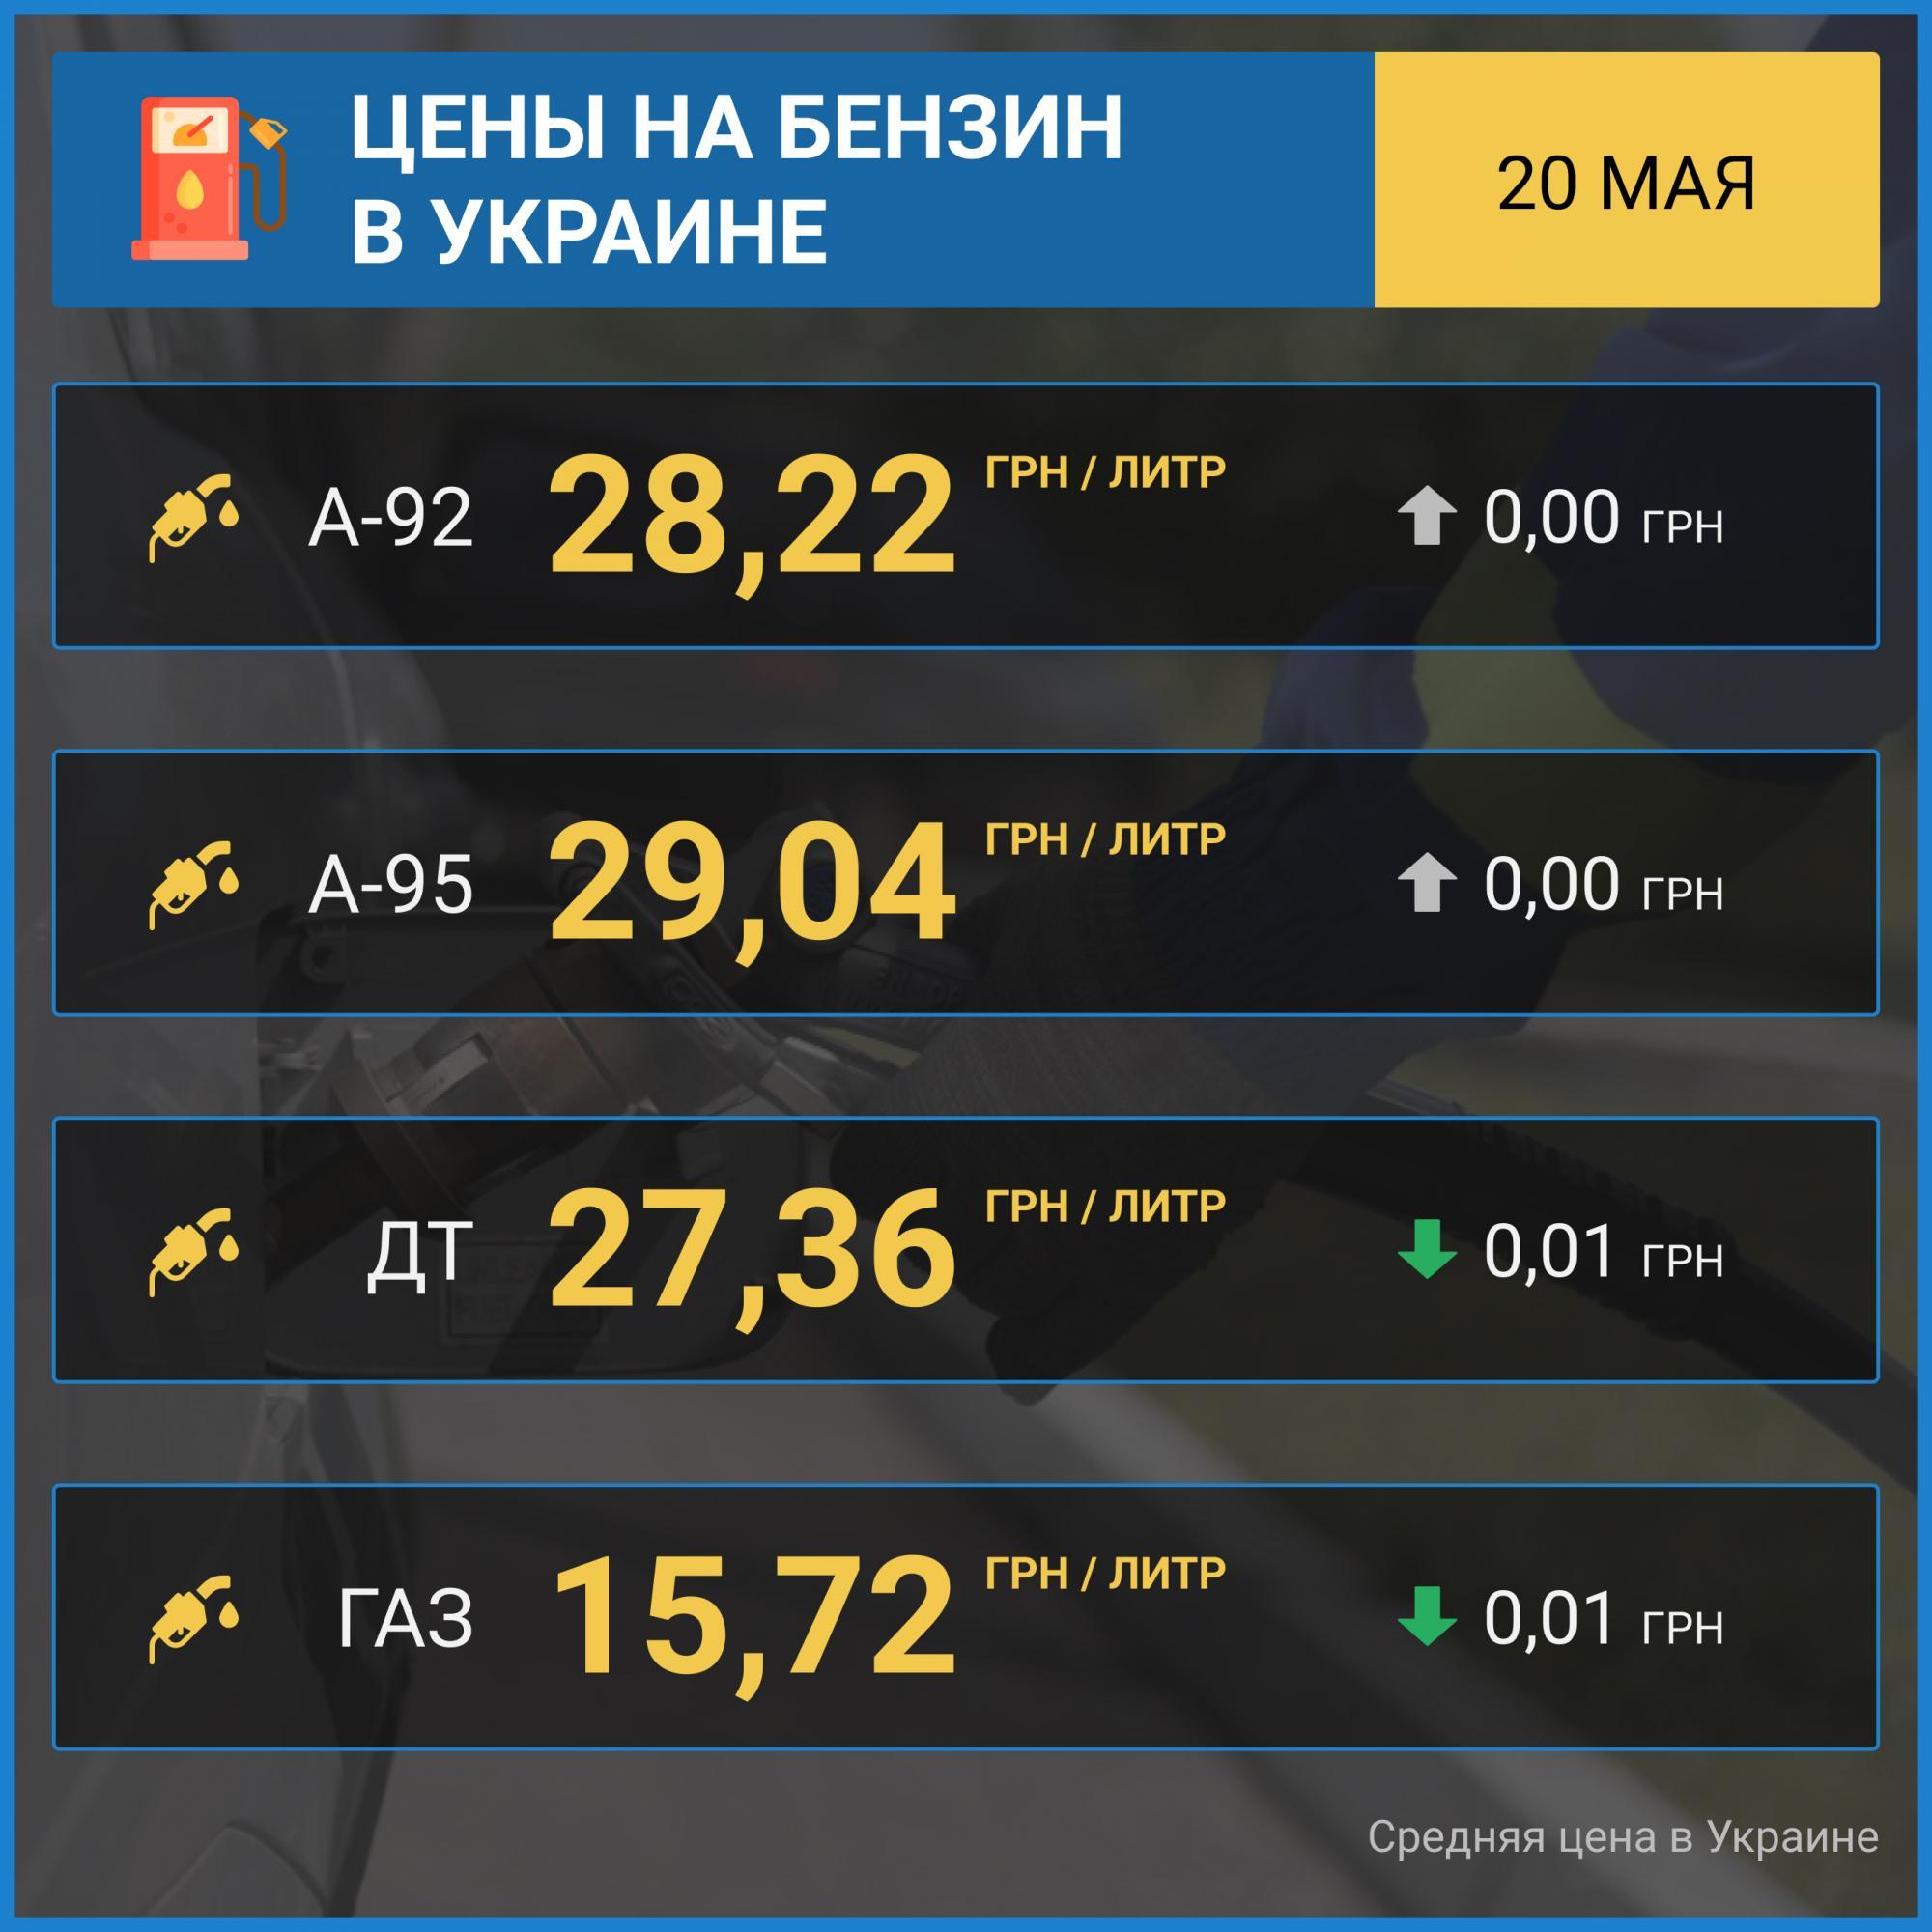 Цены на бензин прекратили рост на АЗС: сколько стоит топливо